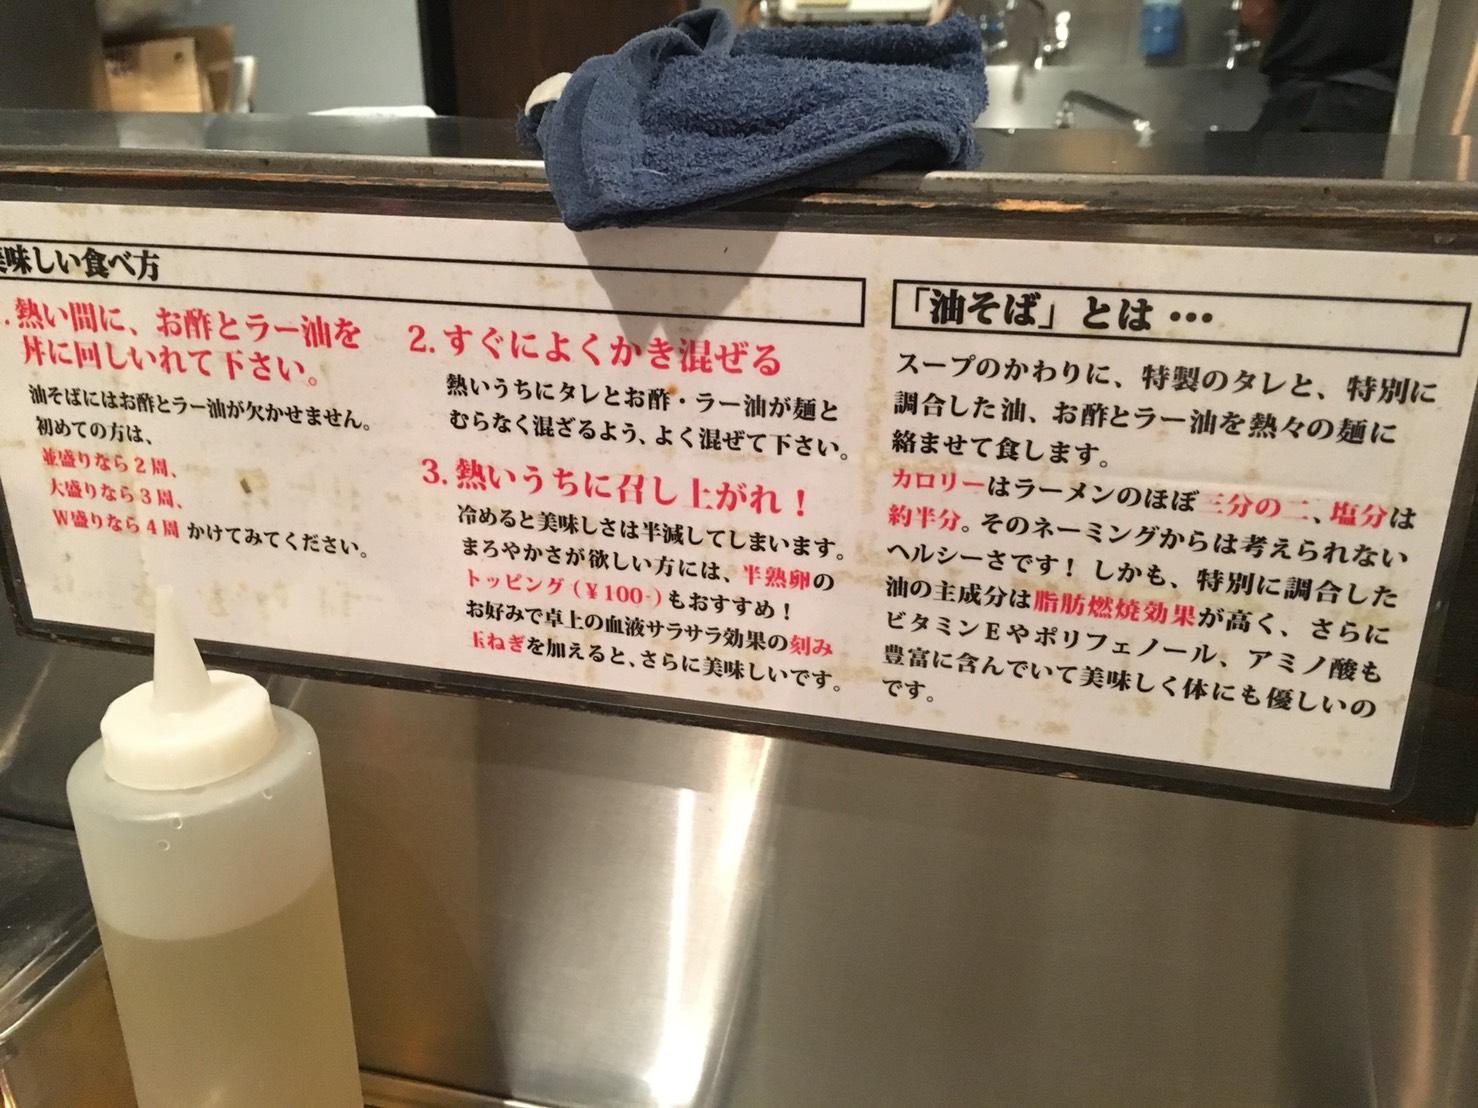 【池袋駅】自分好みの味を楽んで!実はヘルシーなやみつき油そば「東京油組総本店 池袋東組」の油そばの美味しい食べ方